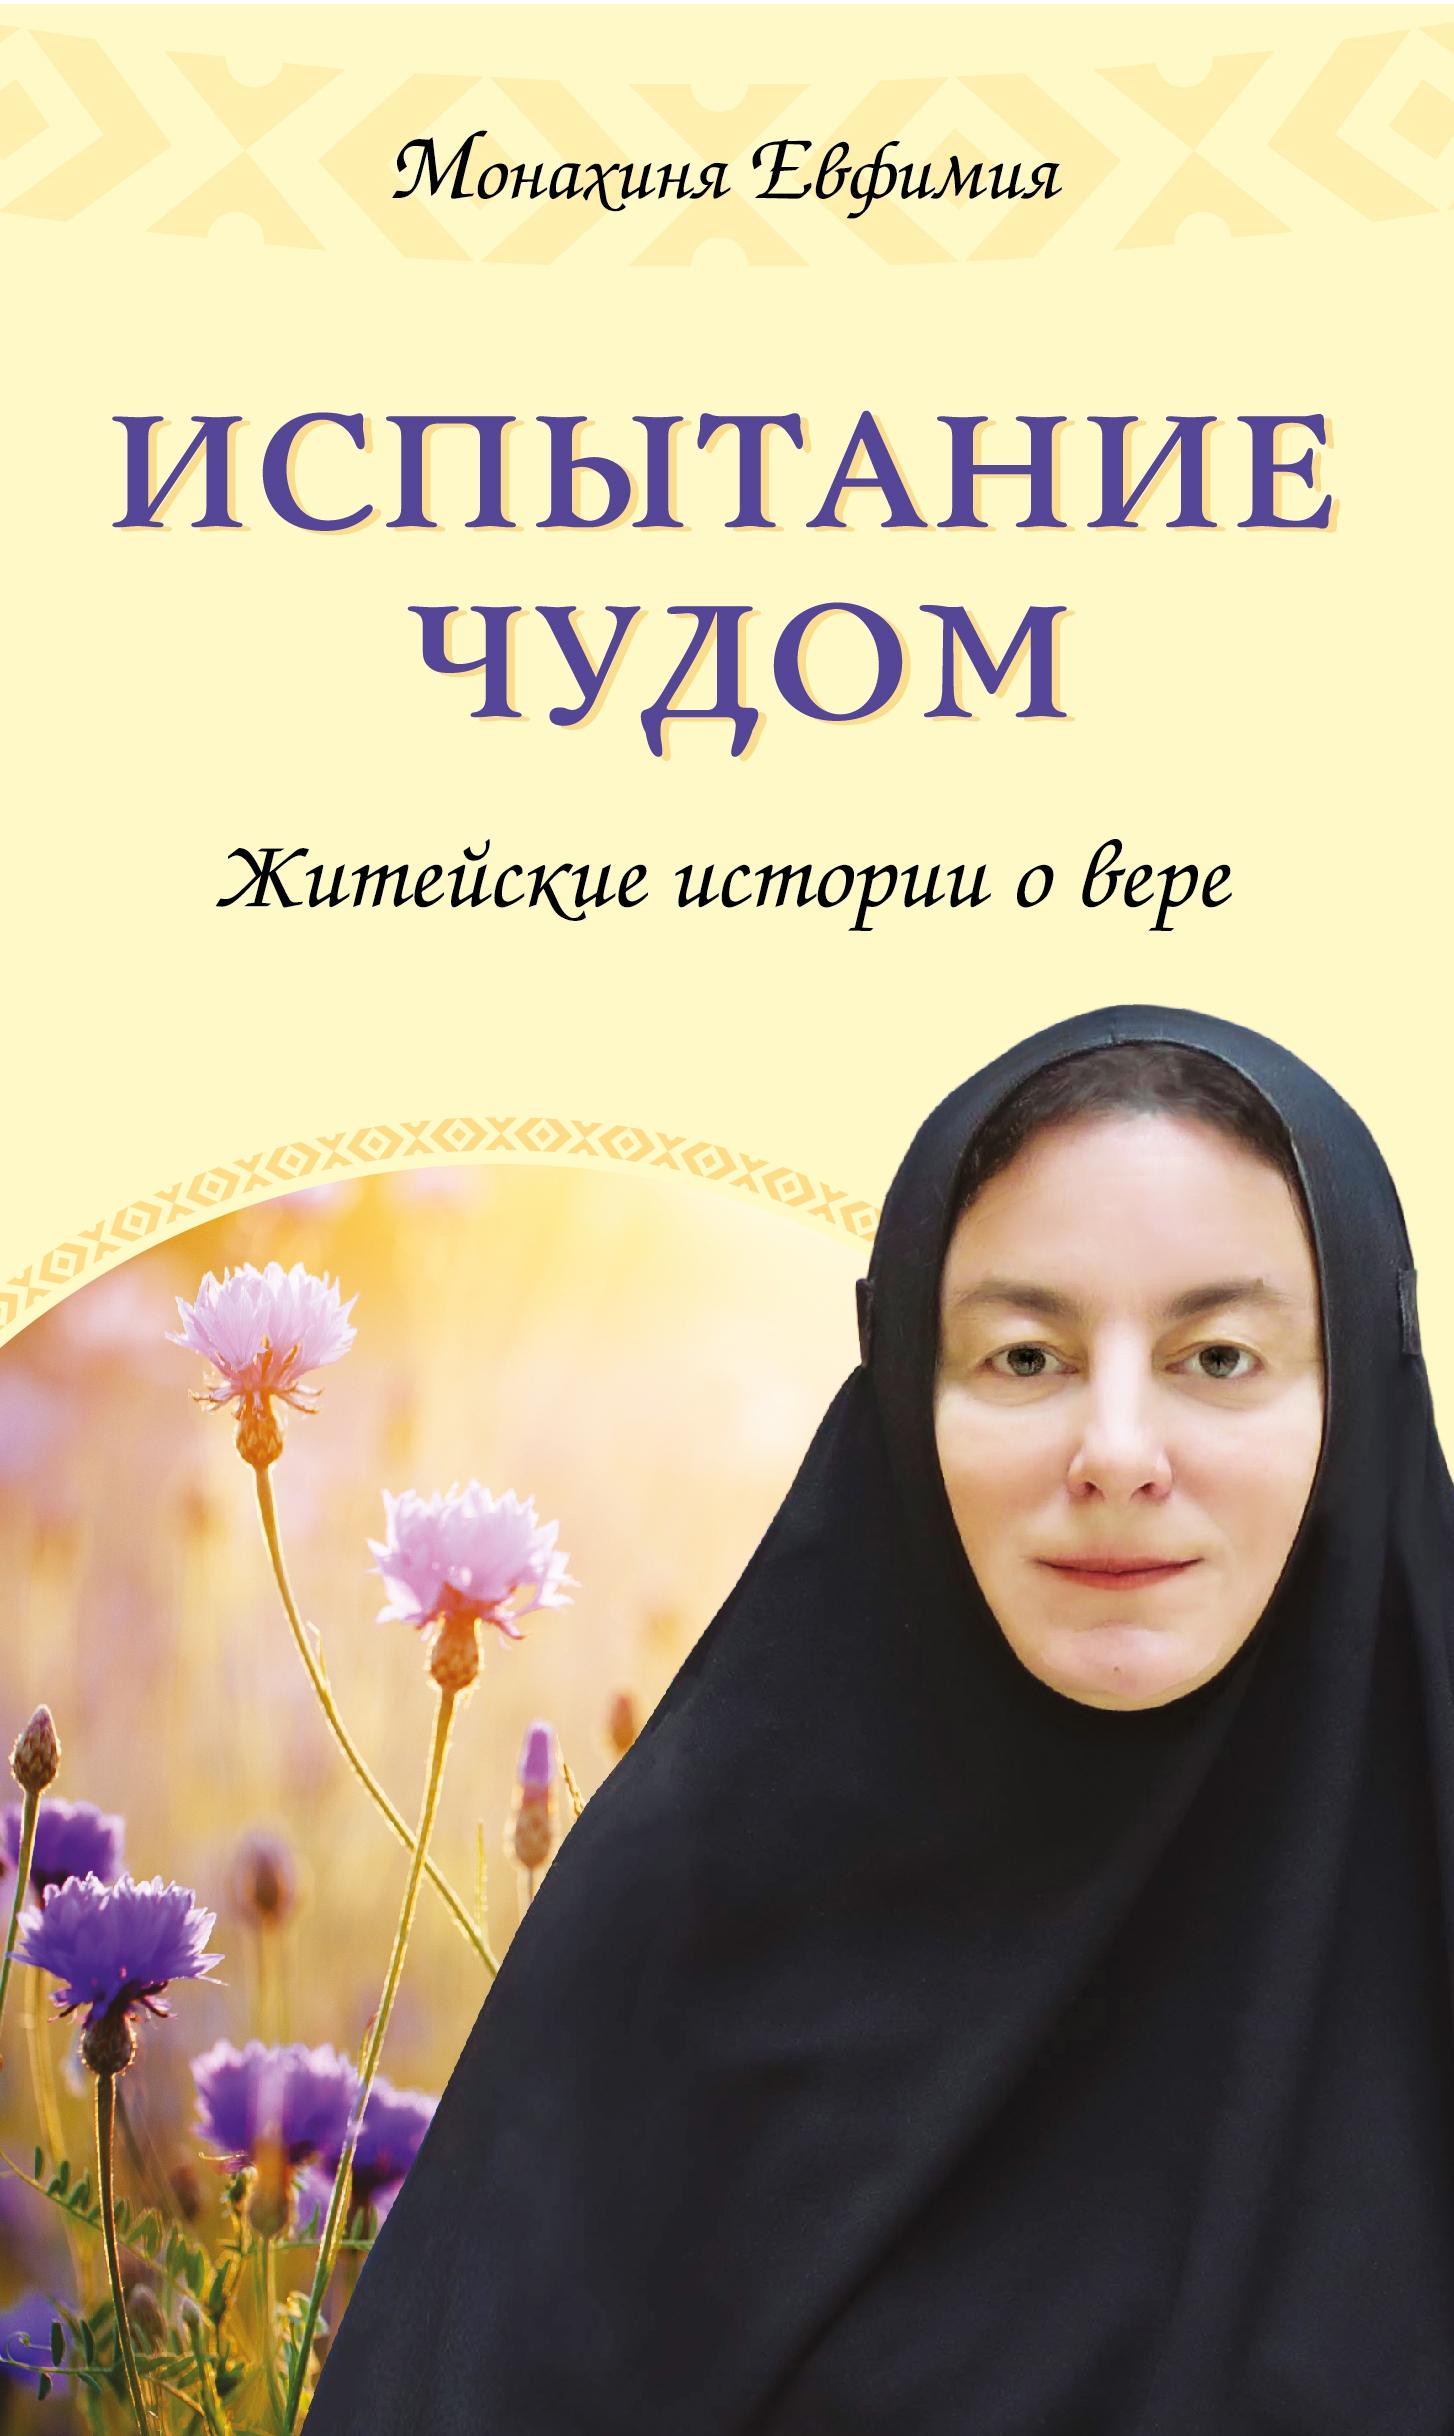 Купить Испытание чудом. Житейские истории о вере, Монахиня Евфимия, 978-5-699-83507-2